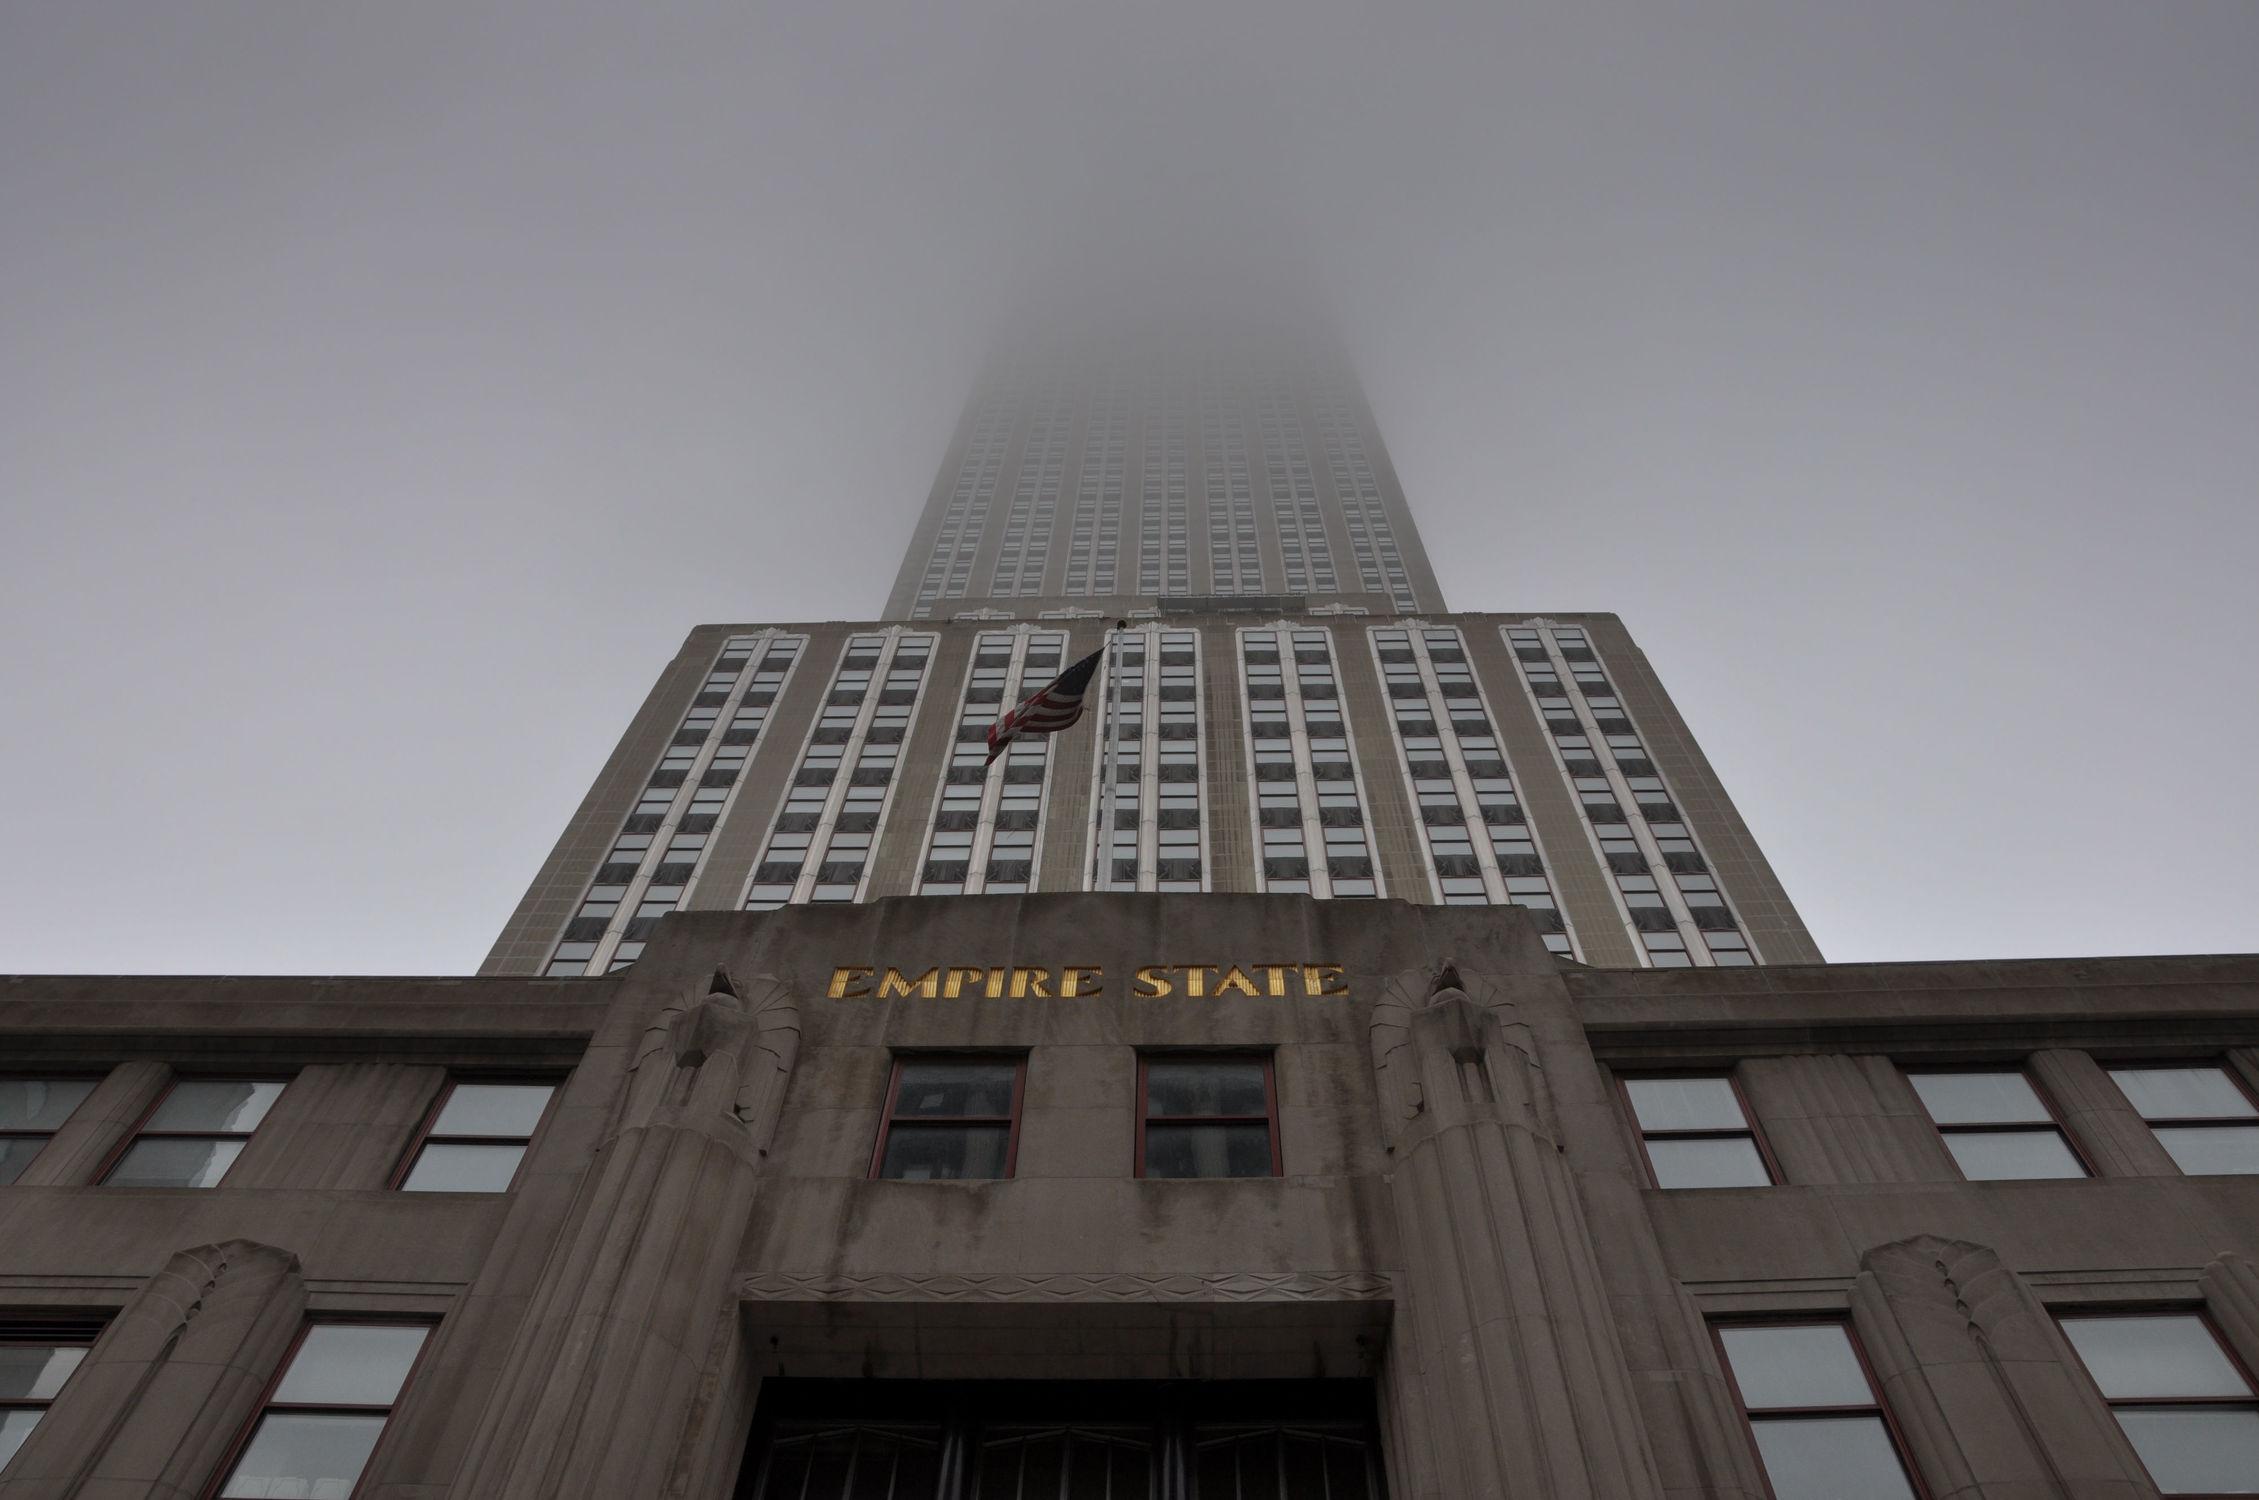 Bild mit Landschaften, Gebäude, Städte, Häuser, Nebel, Haus, Landschaft, Stadt, landscape, City, USA, empire state